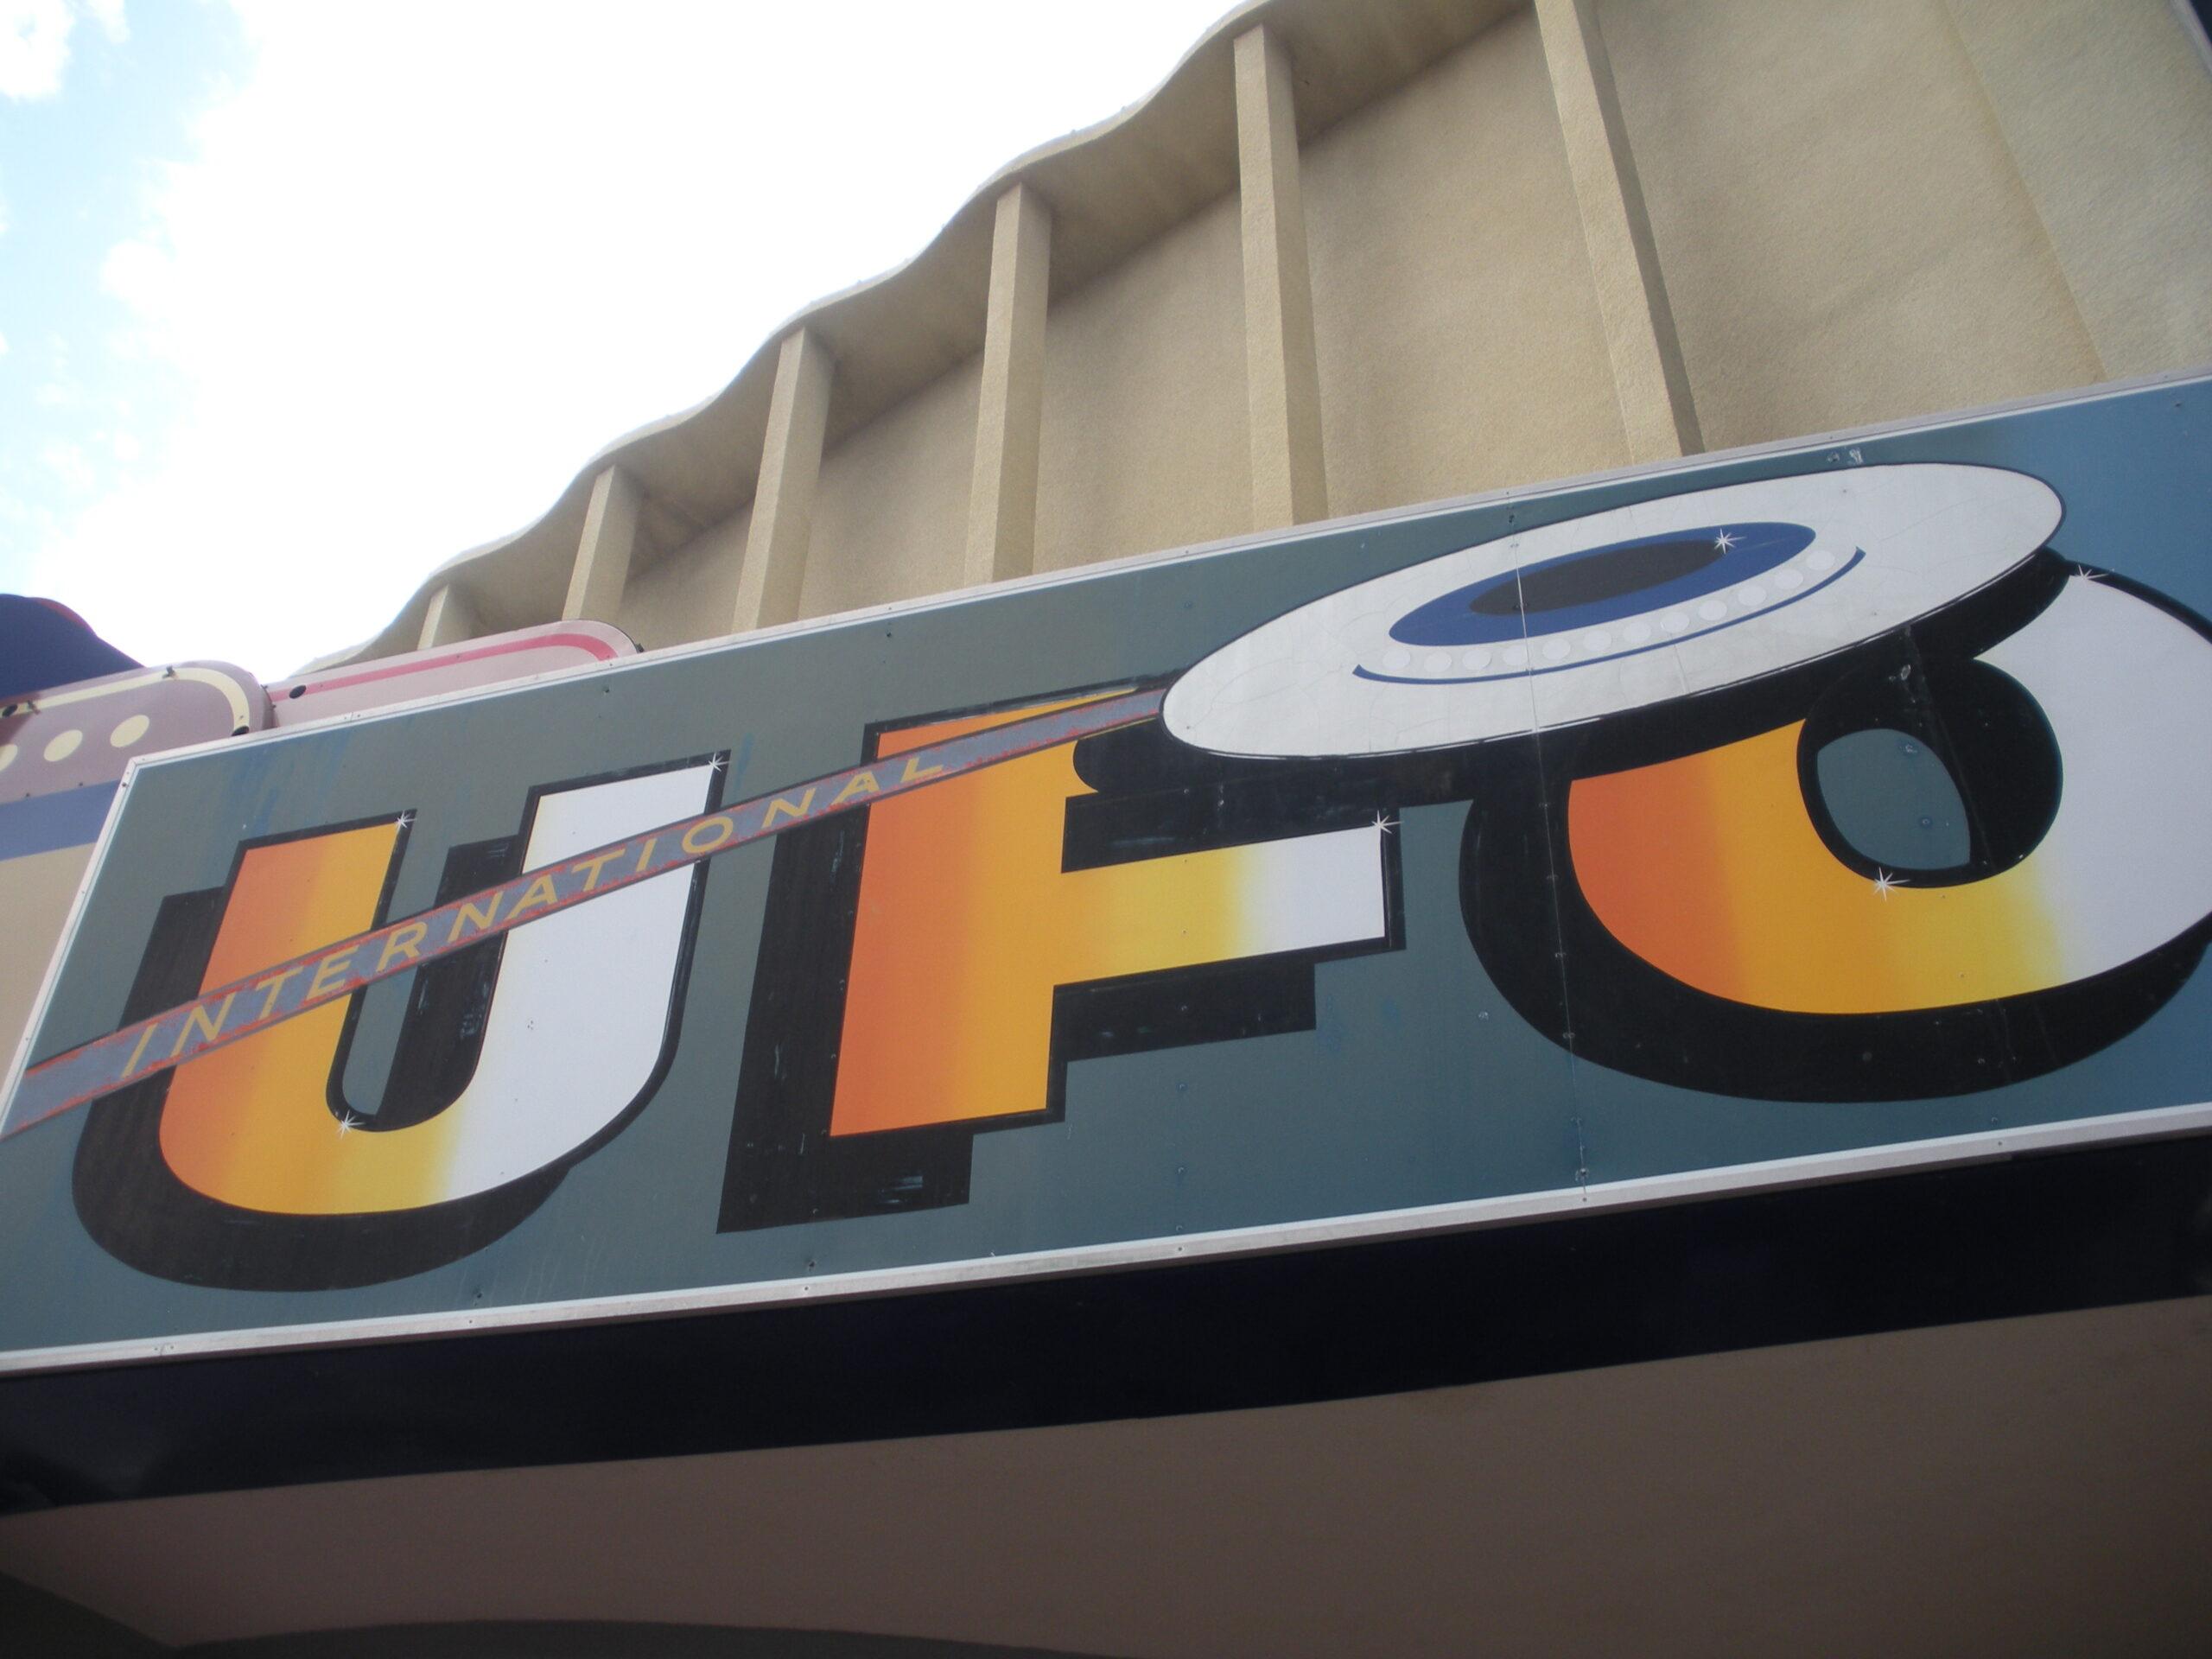 Diario segreto sull'incidente Ufo di Roswell